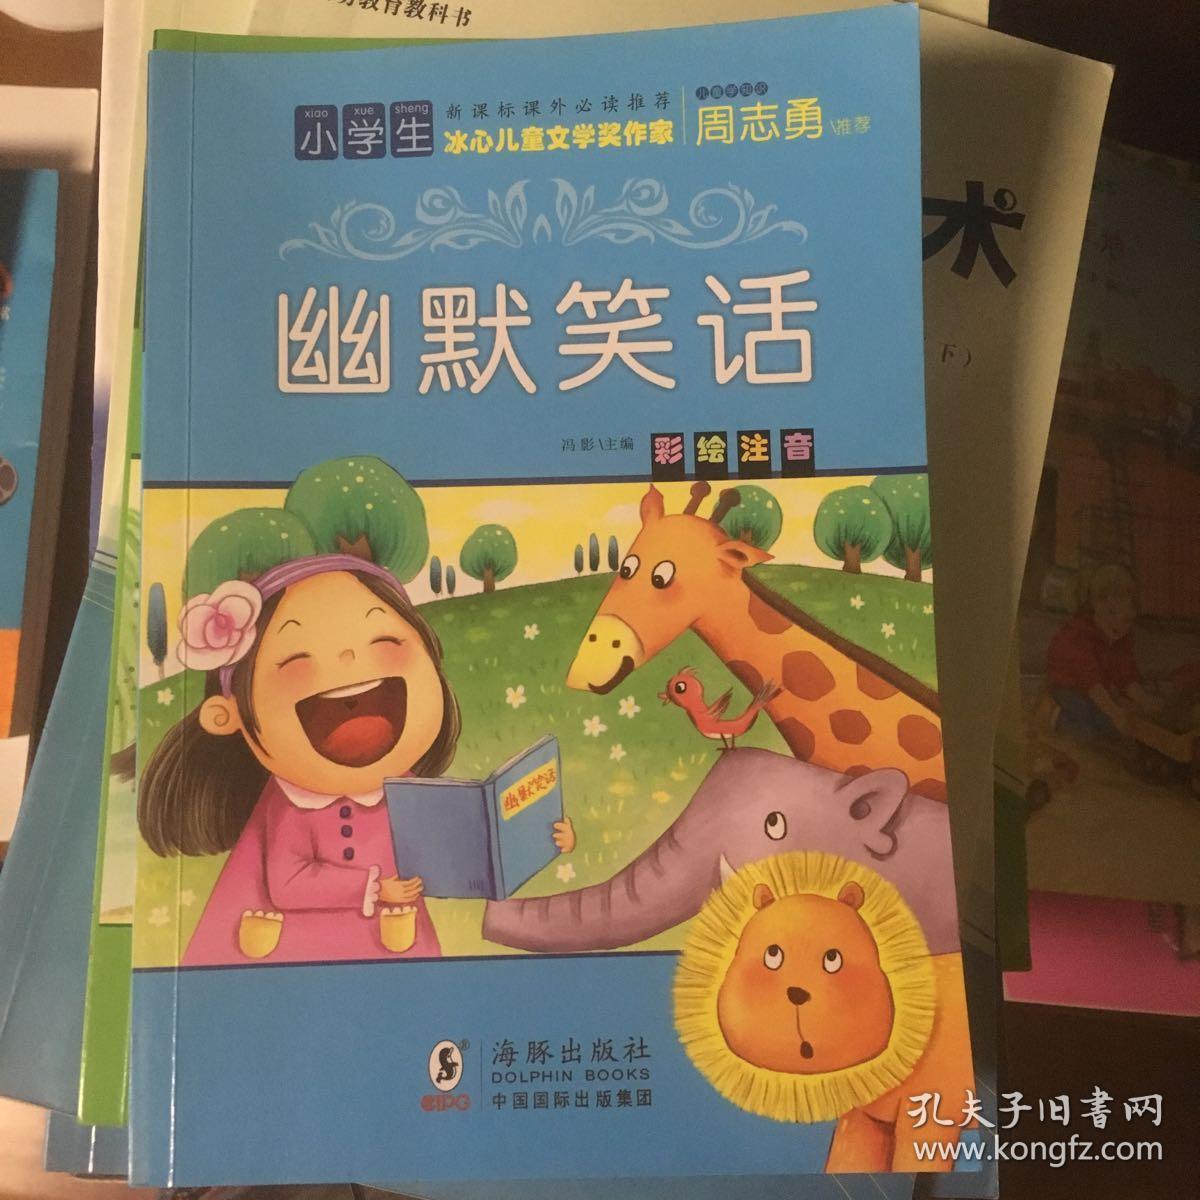 《幽默笑话 》小学生 冰心儿童文学奖作家 周志勇 推荐